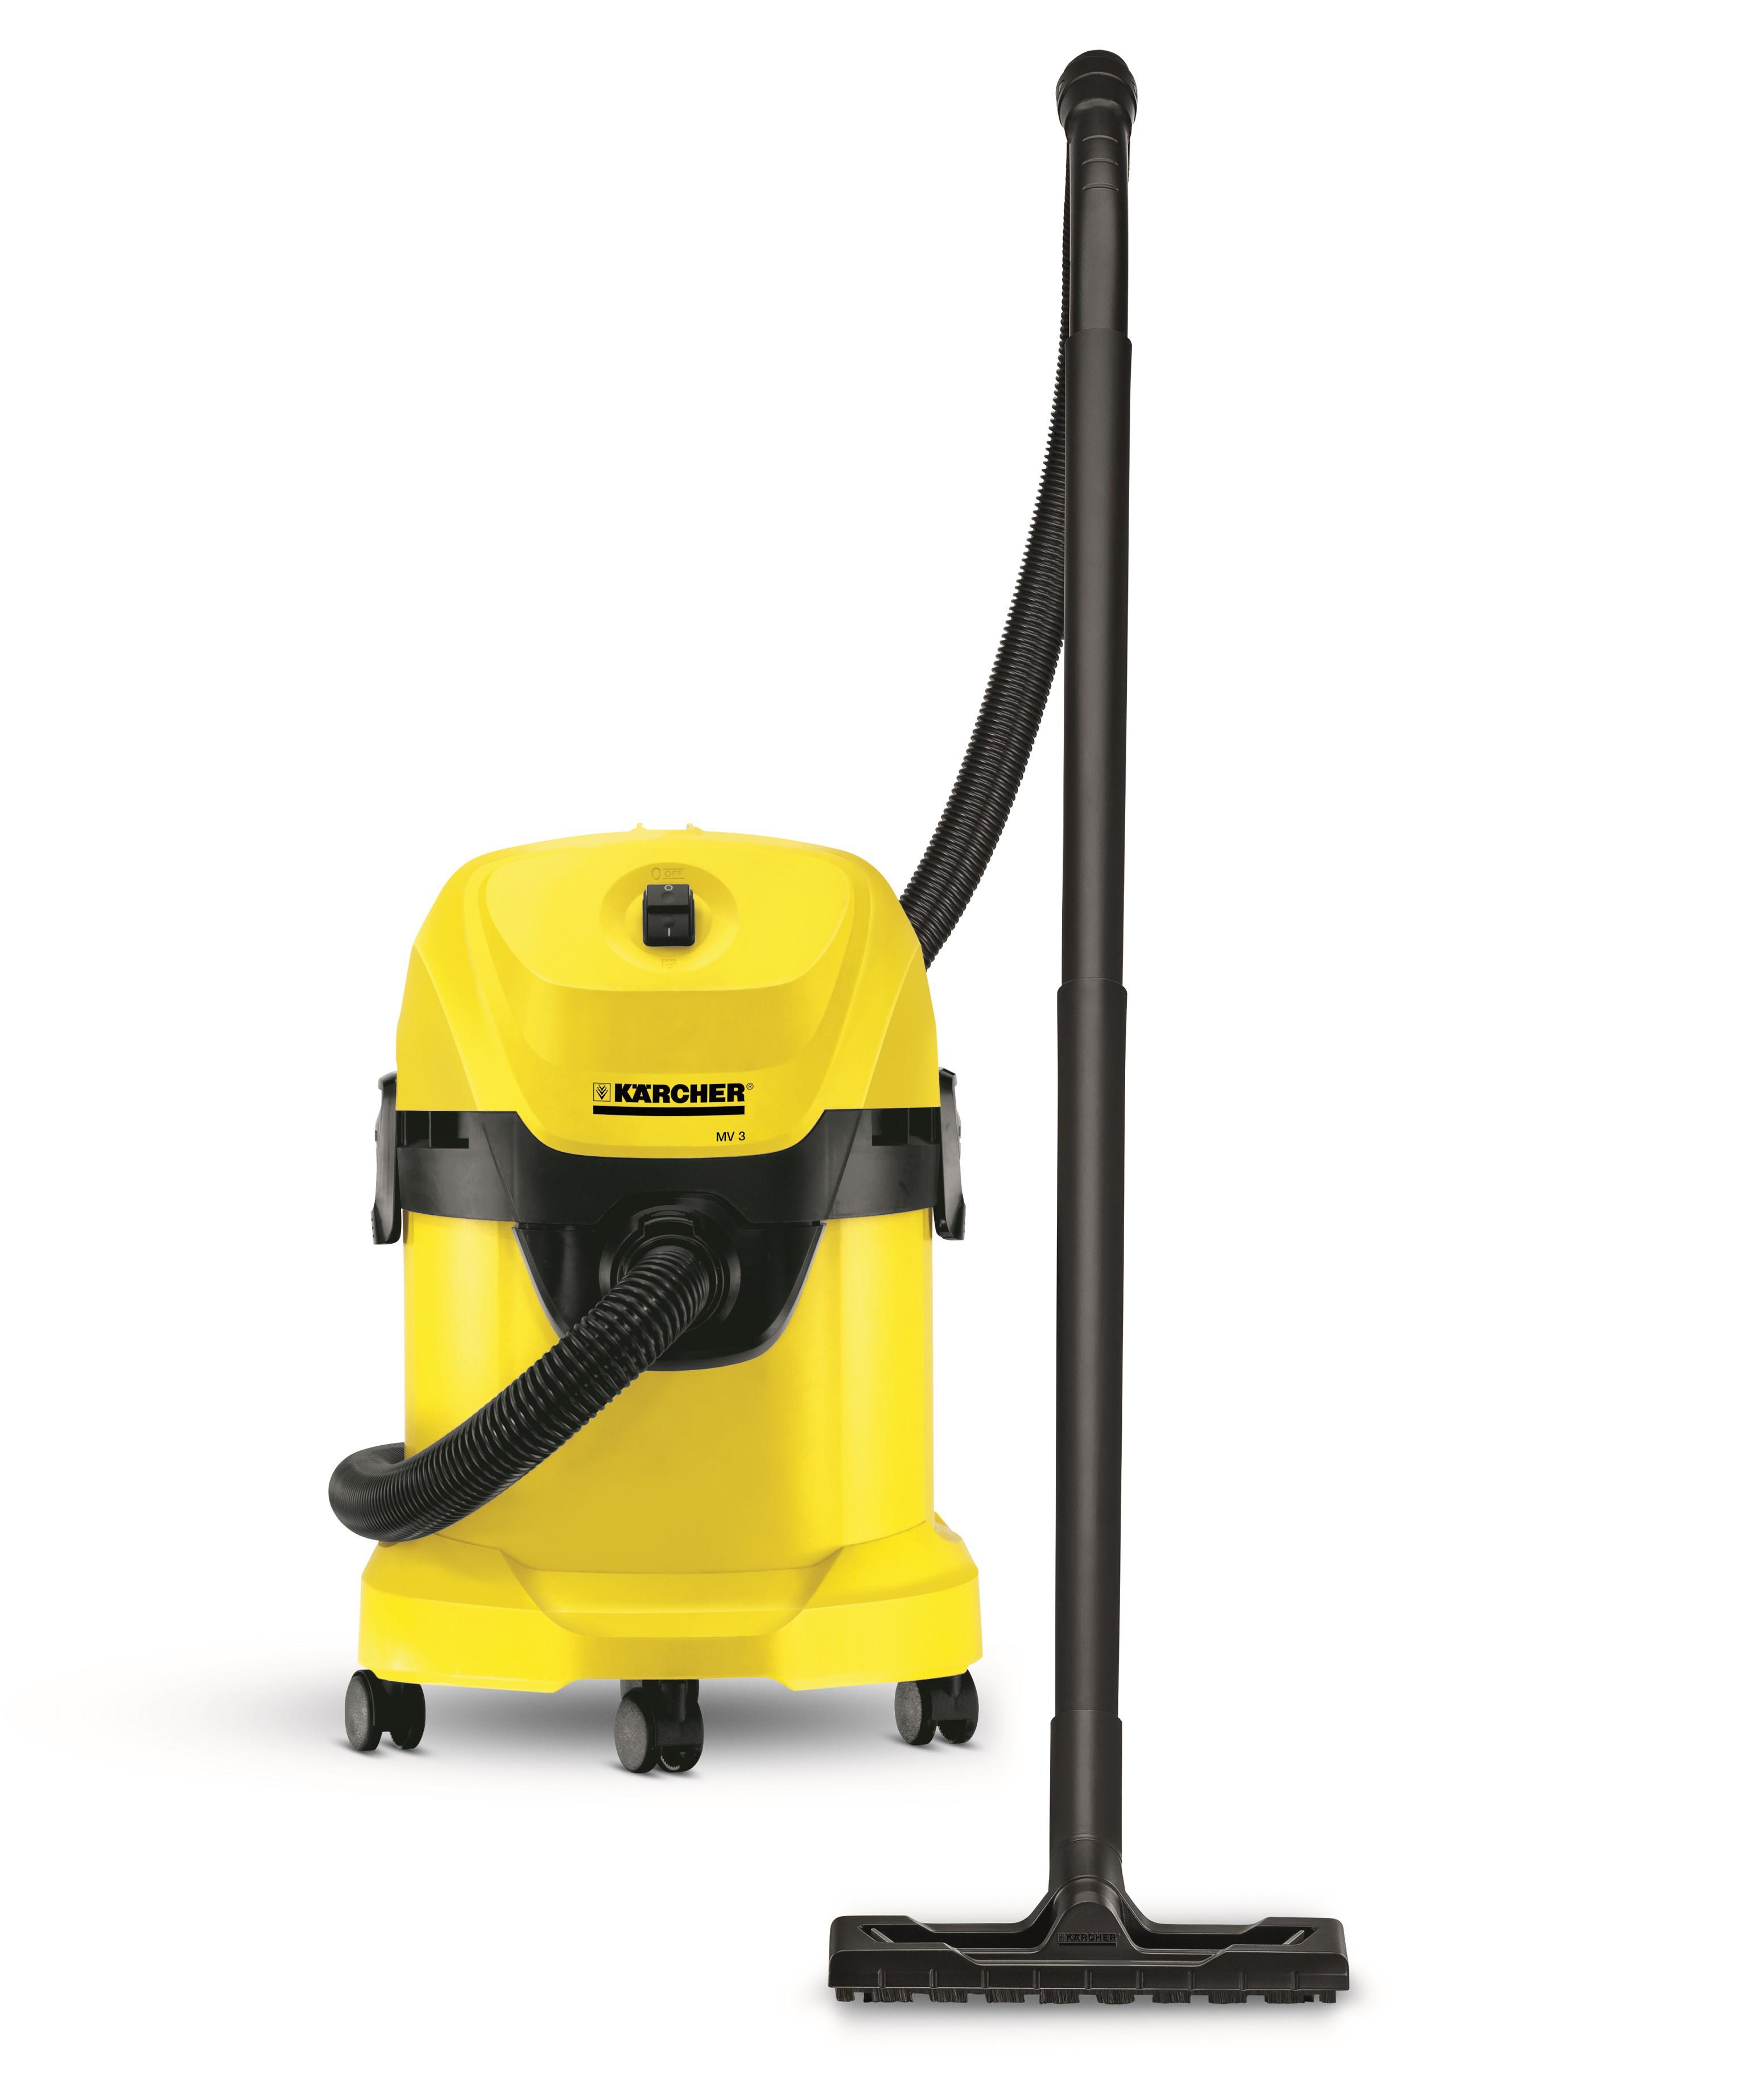 מדהים שואב אבק יבש\רטוב KARCHER WD3 | שואבי אבק ביתיים | מוצרי חשמל | קורצקי HS-95